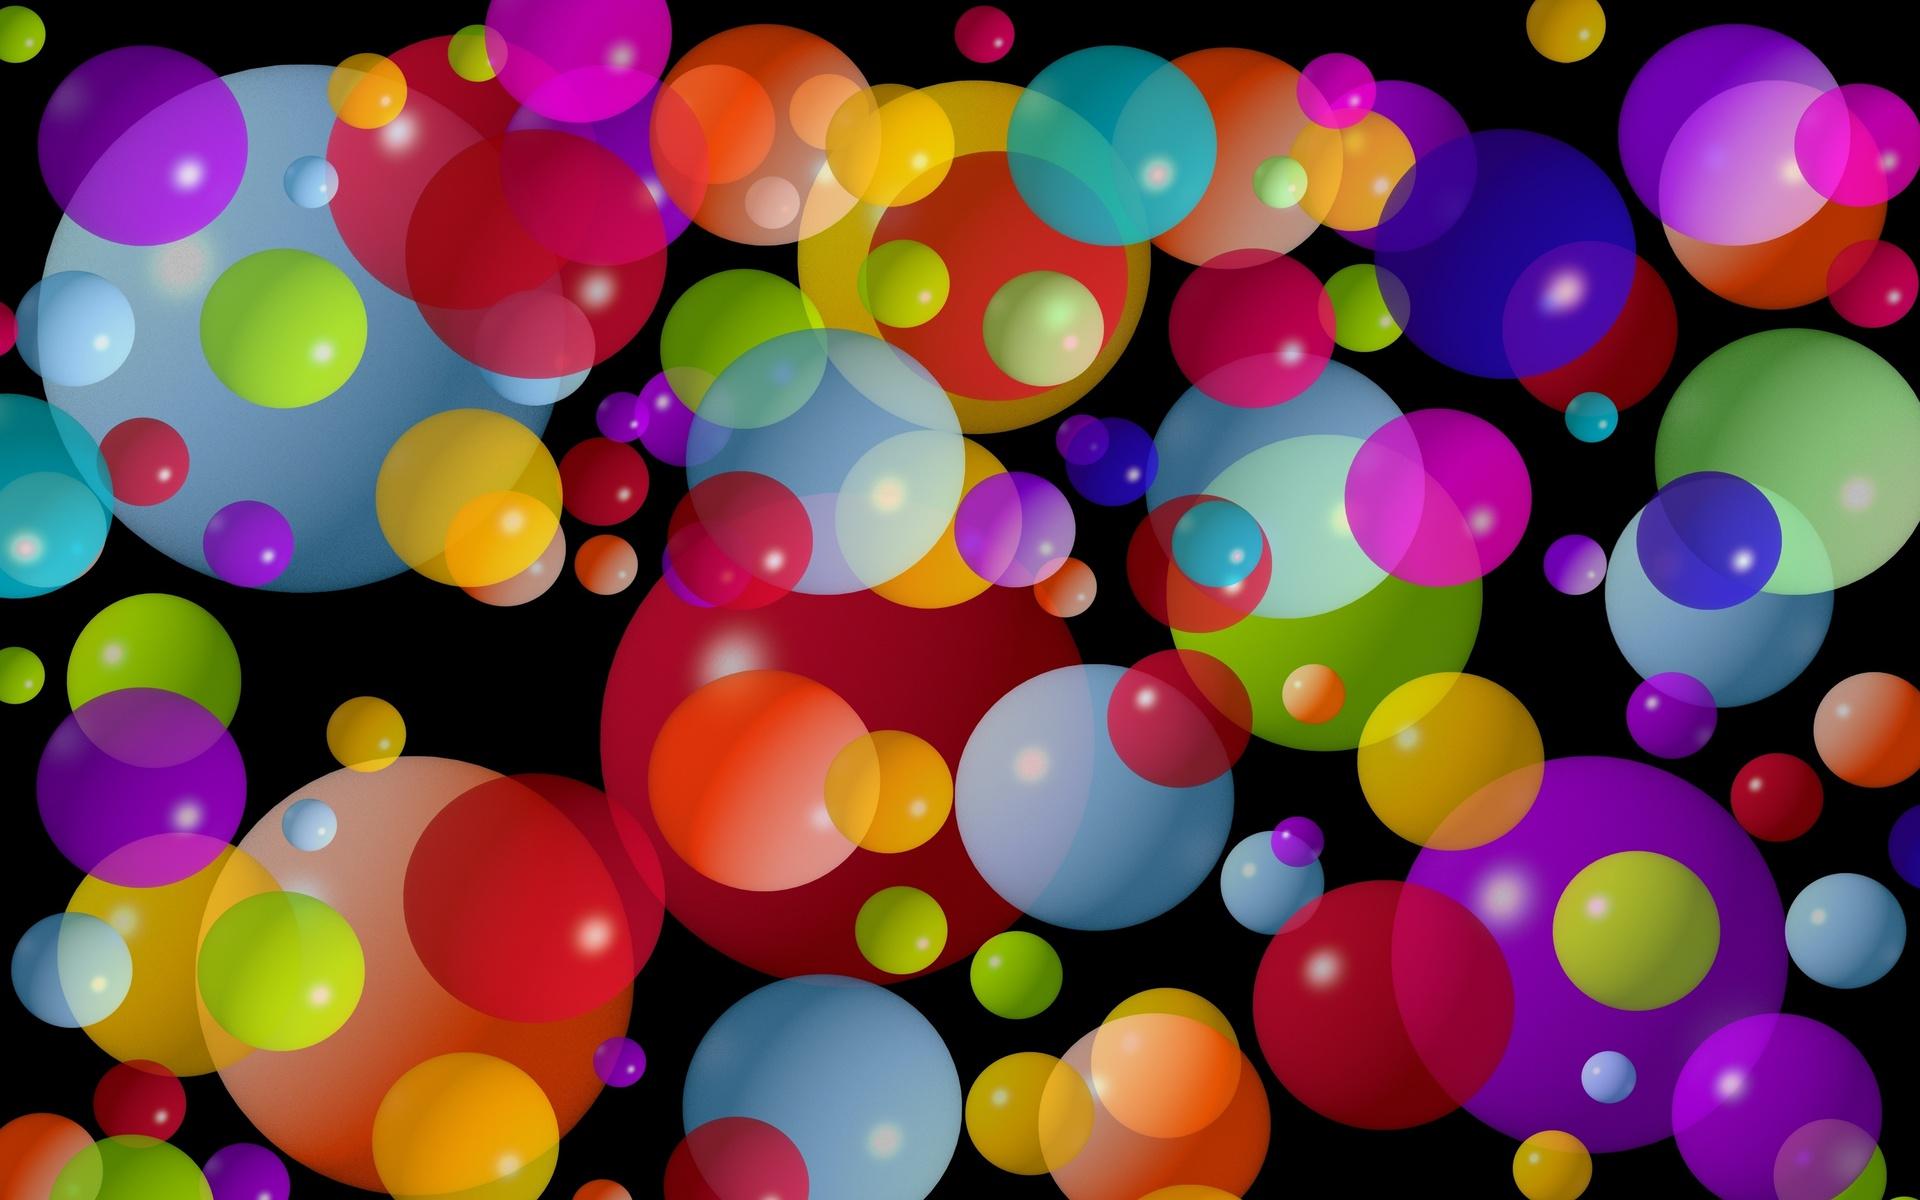 шары, разноцветные, маленькие, средние, Круги, большие